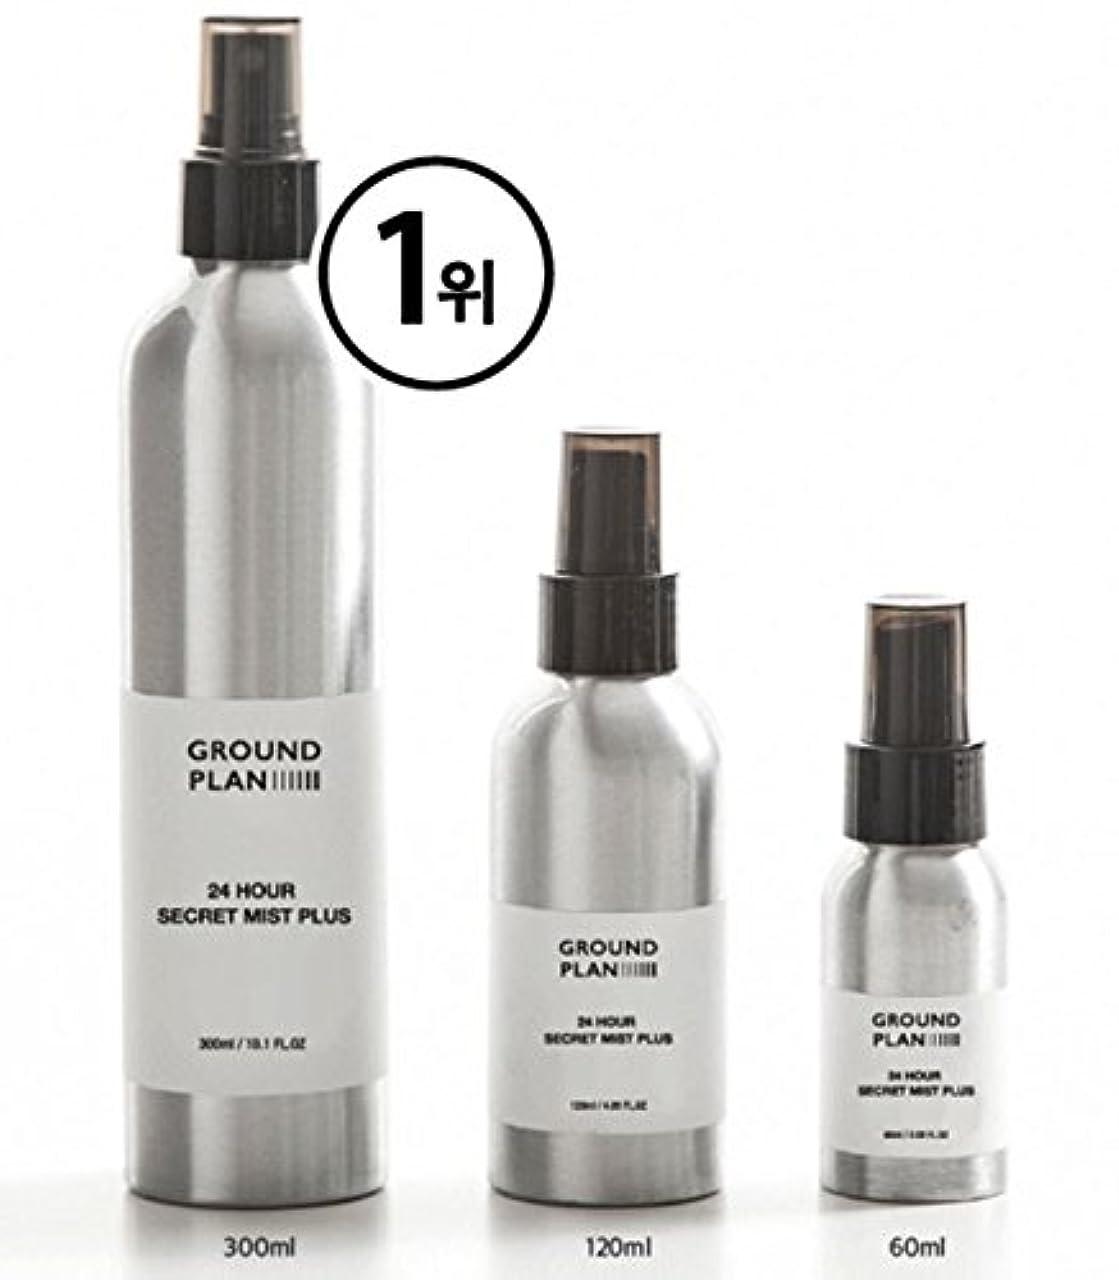 マザーランド置き場スキッパー[グラウンド?プラン] 24Hour 秘密 スキンミスト Plus (120ml) (300ml) Ground plan 24 Hour Secret Skin Mist Plus [海外直送品] (120ml)